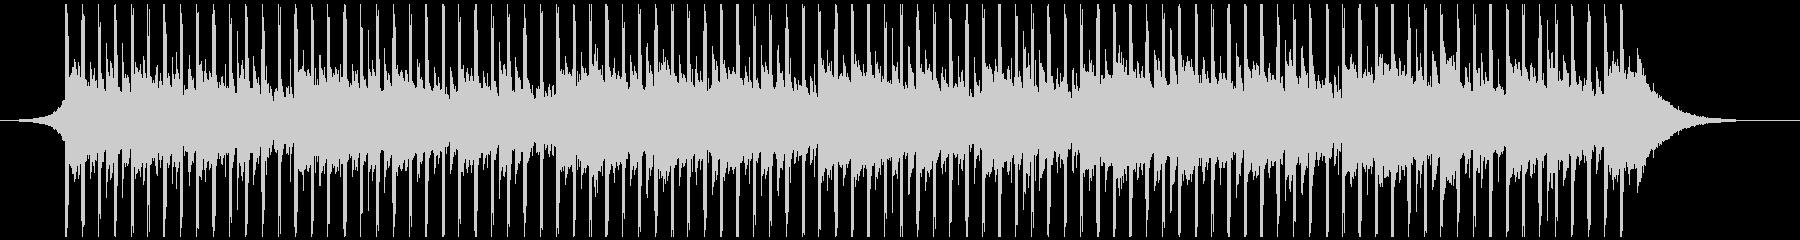 モチベーションプレゼンテーション60秒の未再生の波形